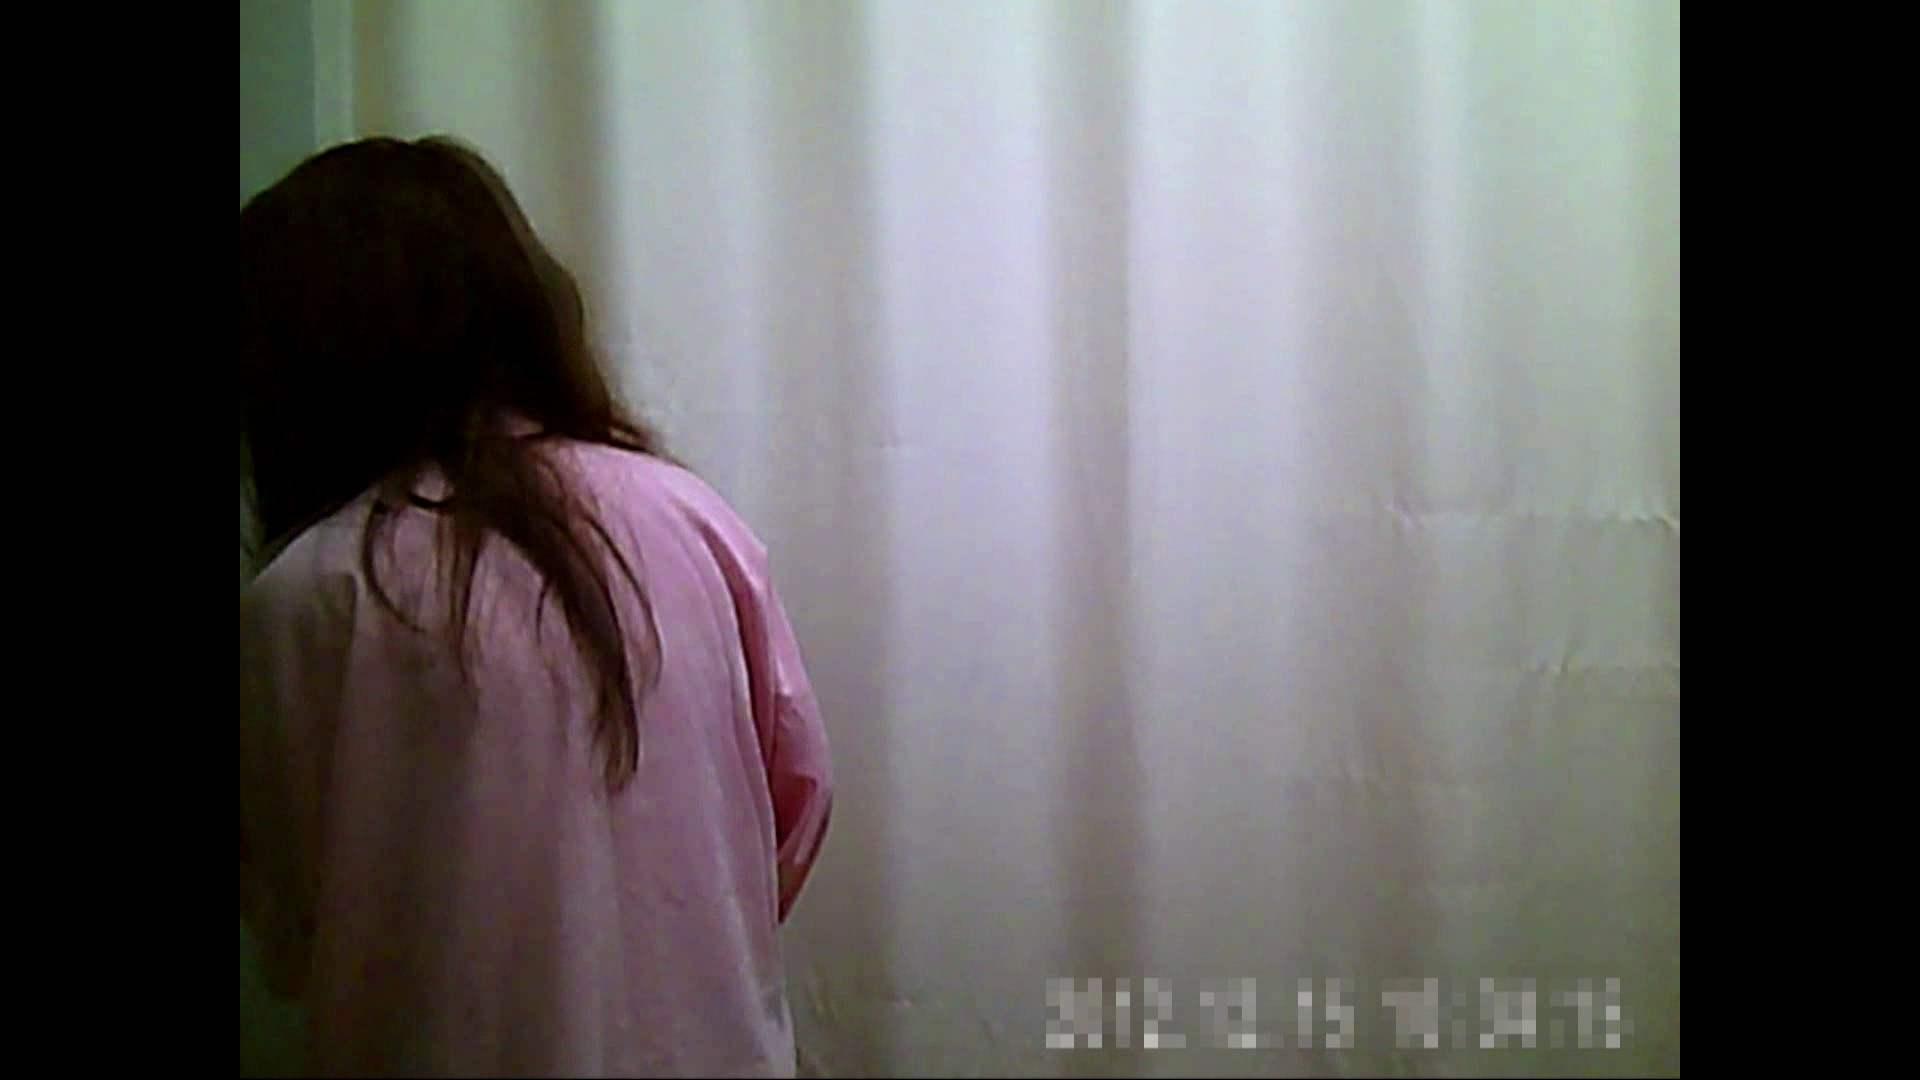 病院おもいっきり着替え! vol.178 着替え 盗撮セックス無修正動画無料 62連発 59